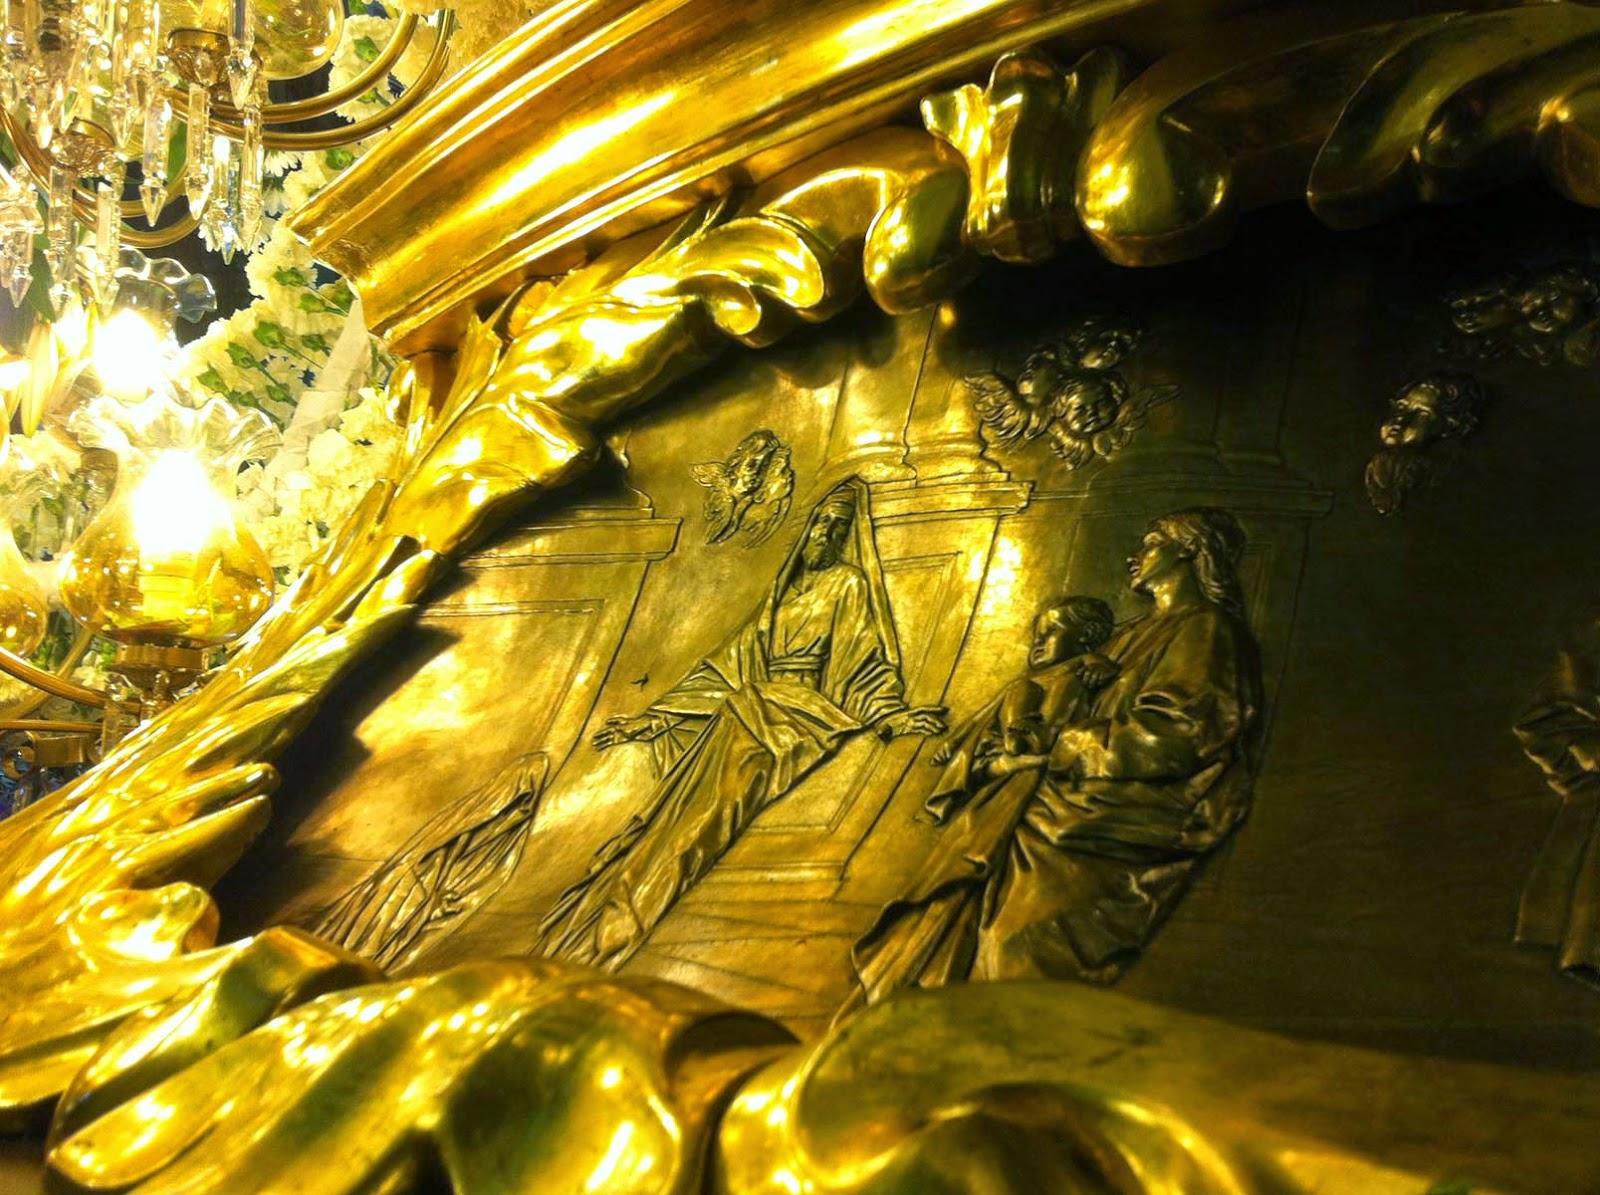 Trono Soledad Semana Santa Cartagena Murcia Arturo Serra escultura 9